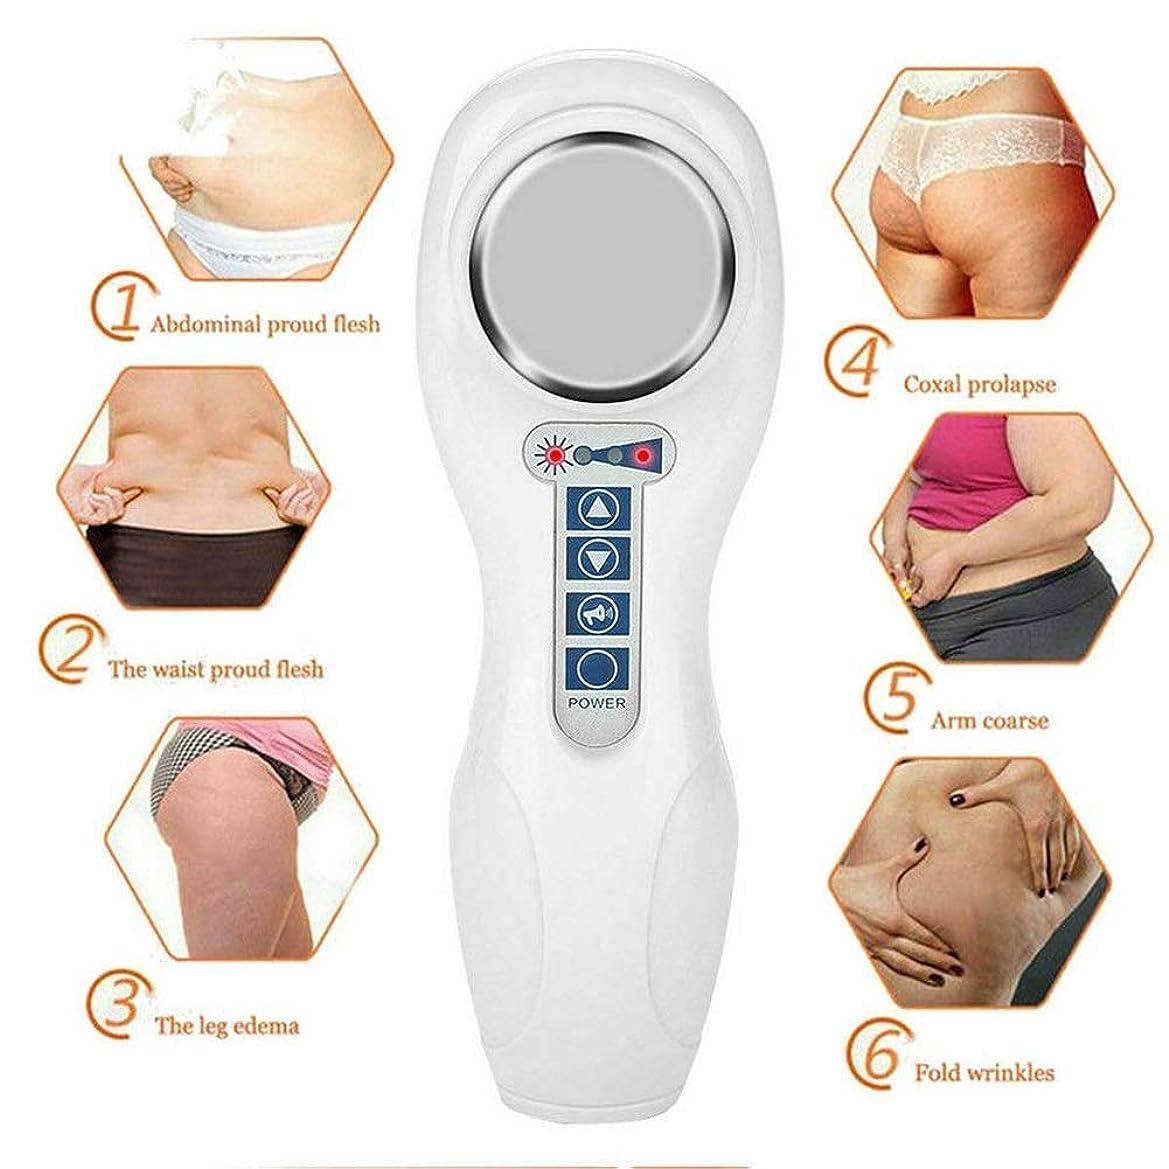 下る説明震え減量マッサージ機 - 振動美容デバイス多機能脂肪除去ツールボディシェーピングフェイシャルスキンケア